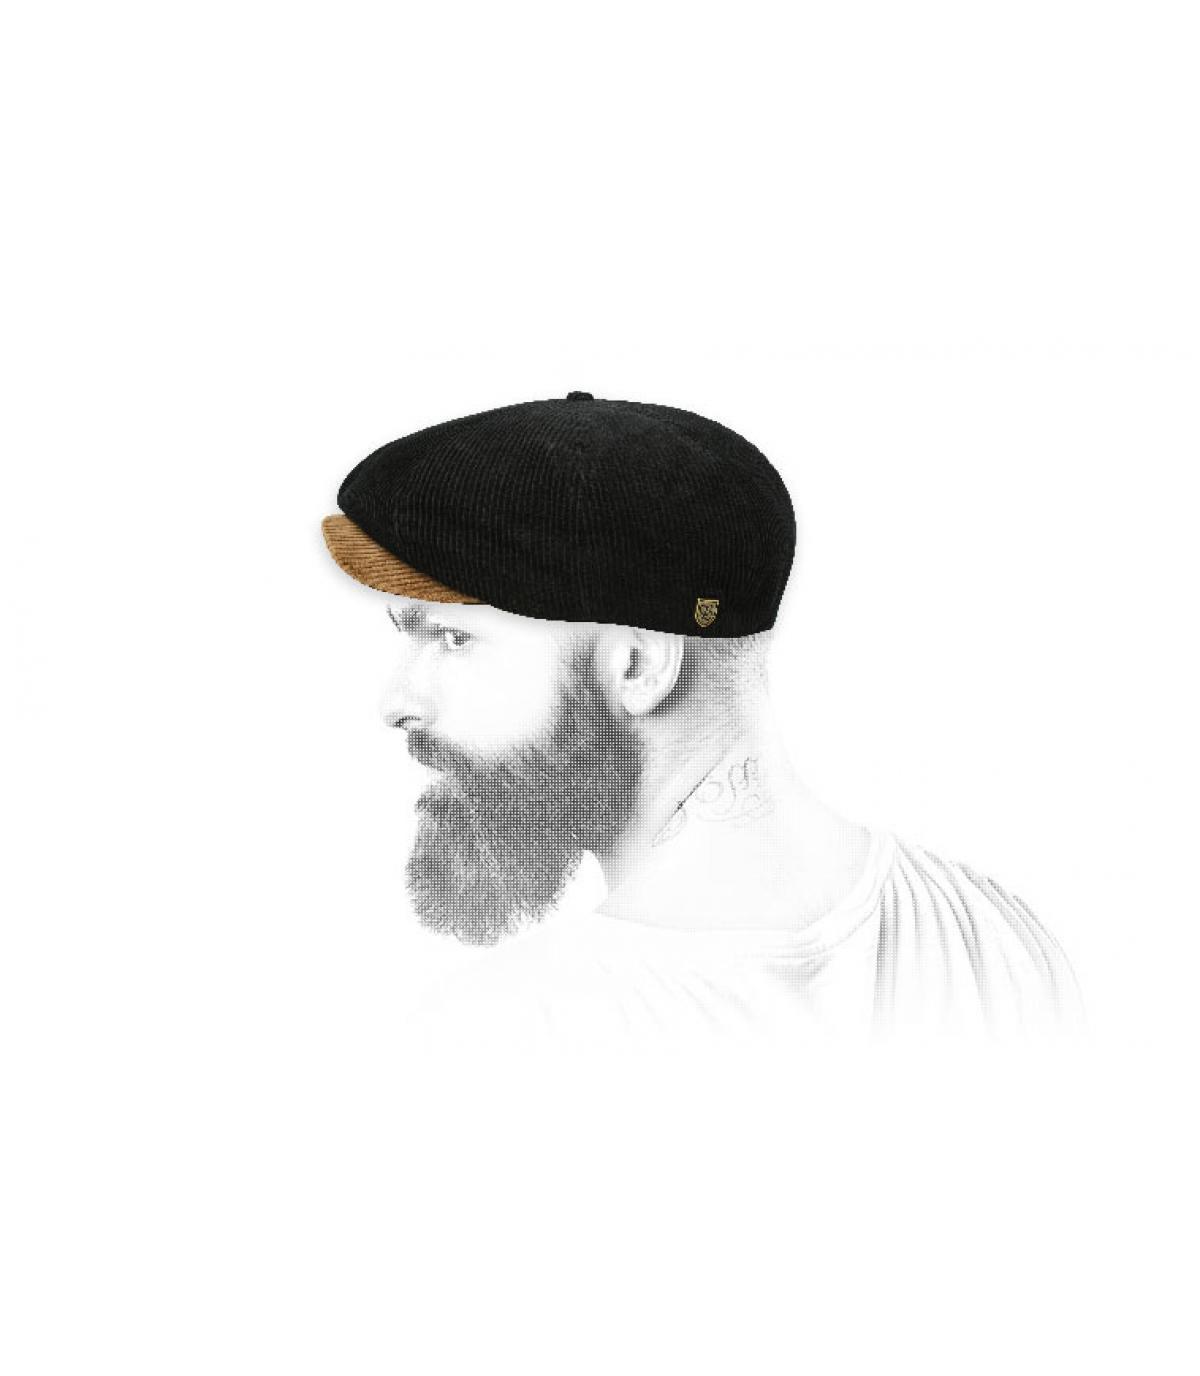 newsboy cap black corduroy